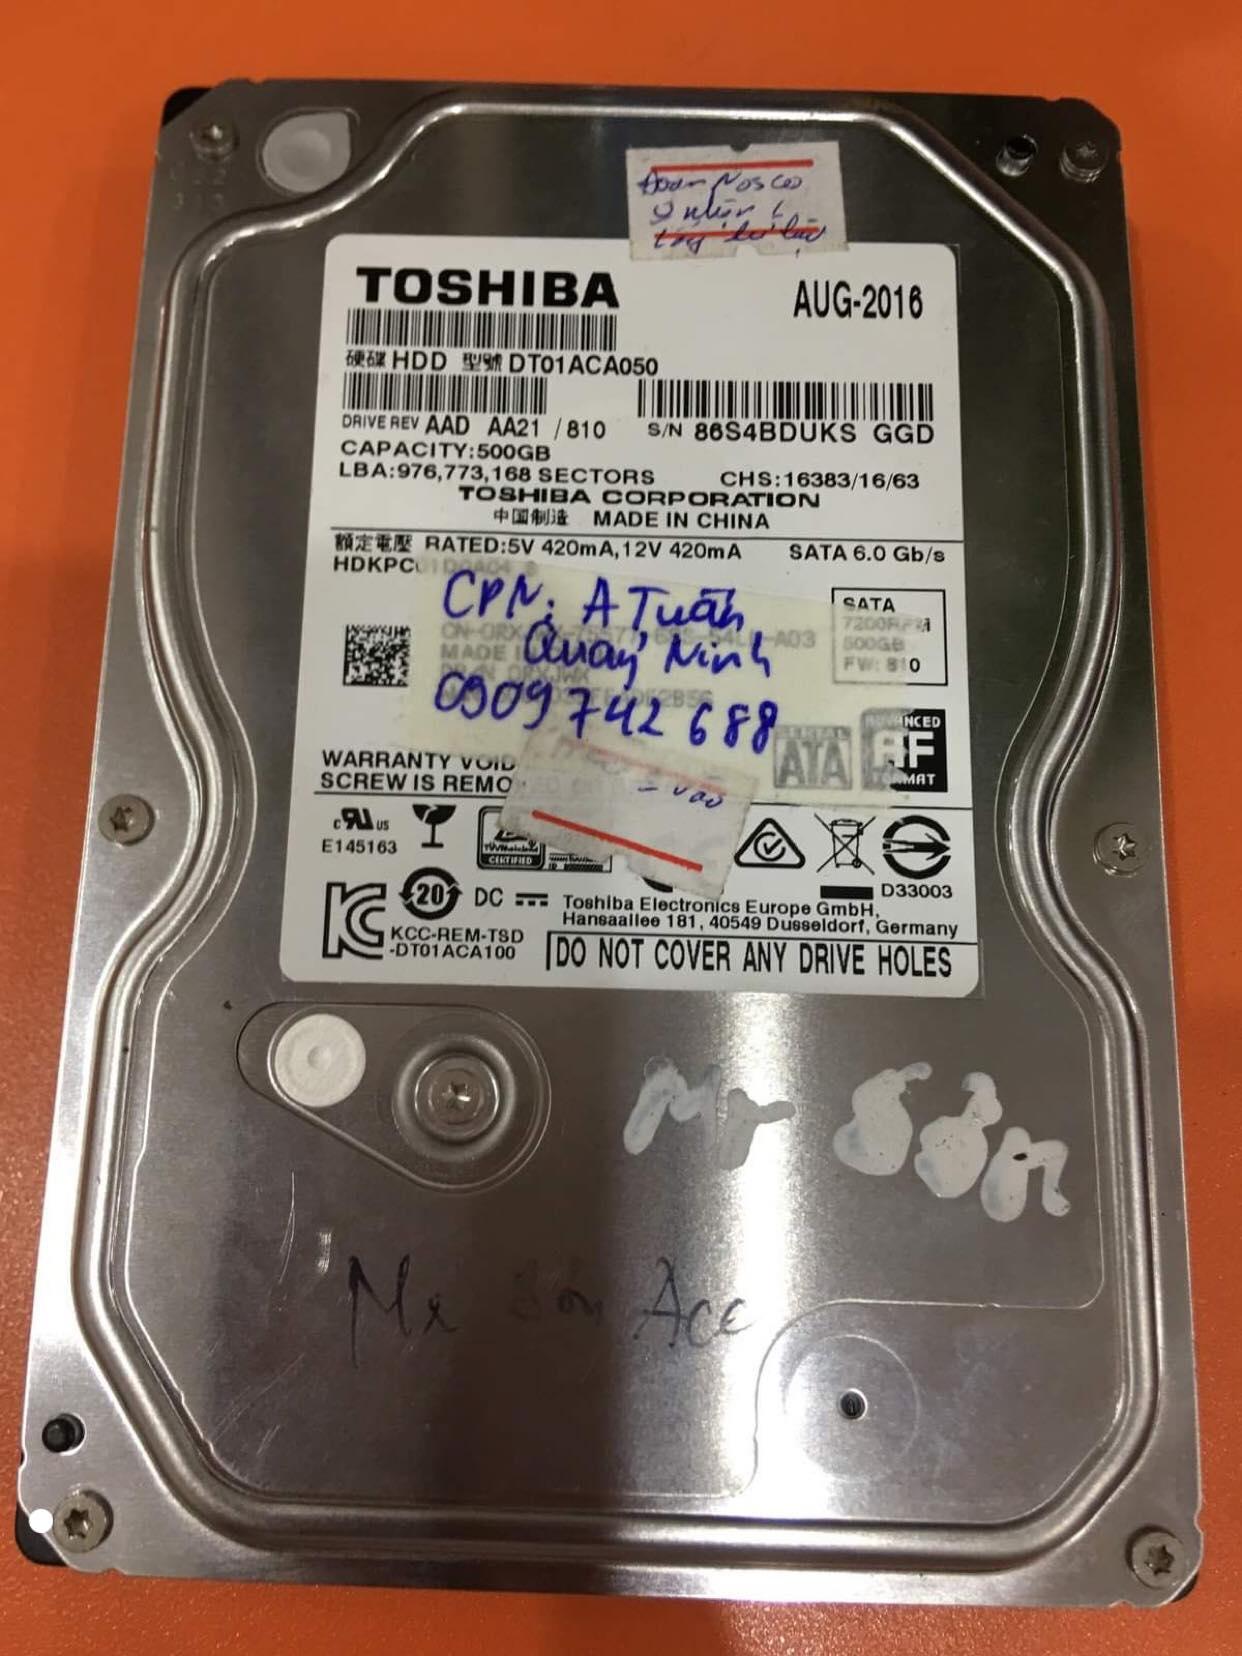 Lấy dữ liệu ổ cứng Toshiba 500GB lỗi đầu đọc tại Quảng Ninh 12/12/2019 - cuumaytinh